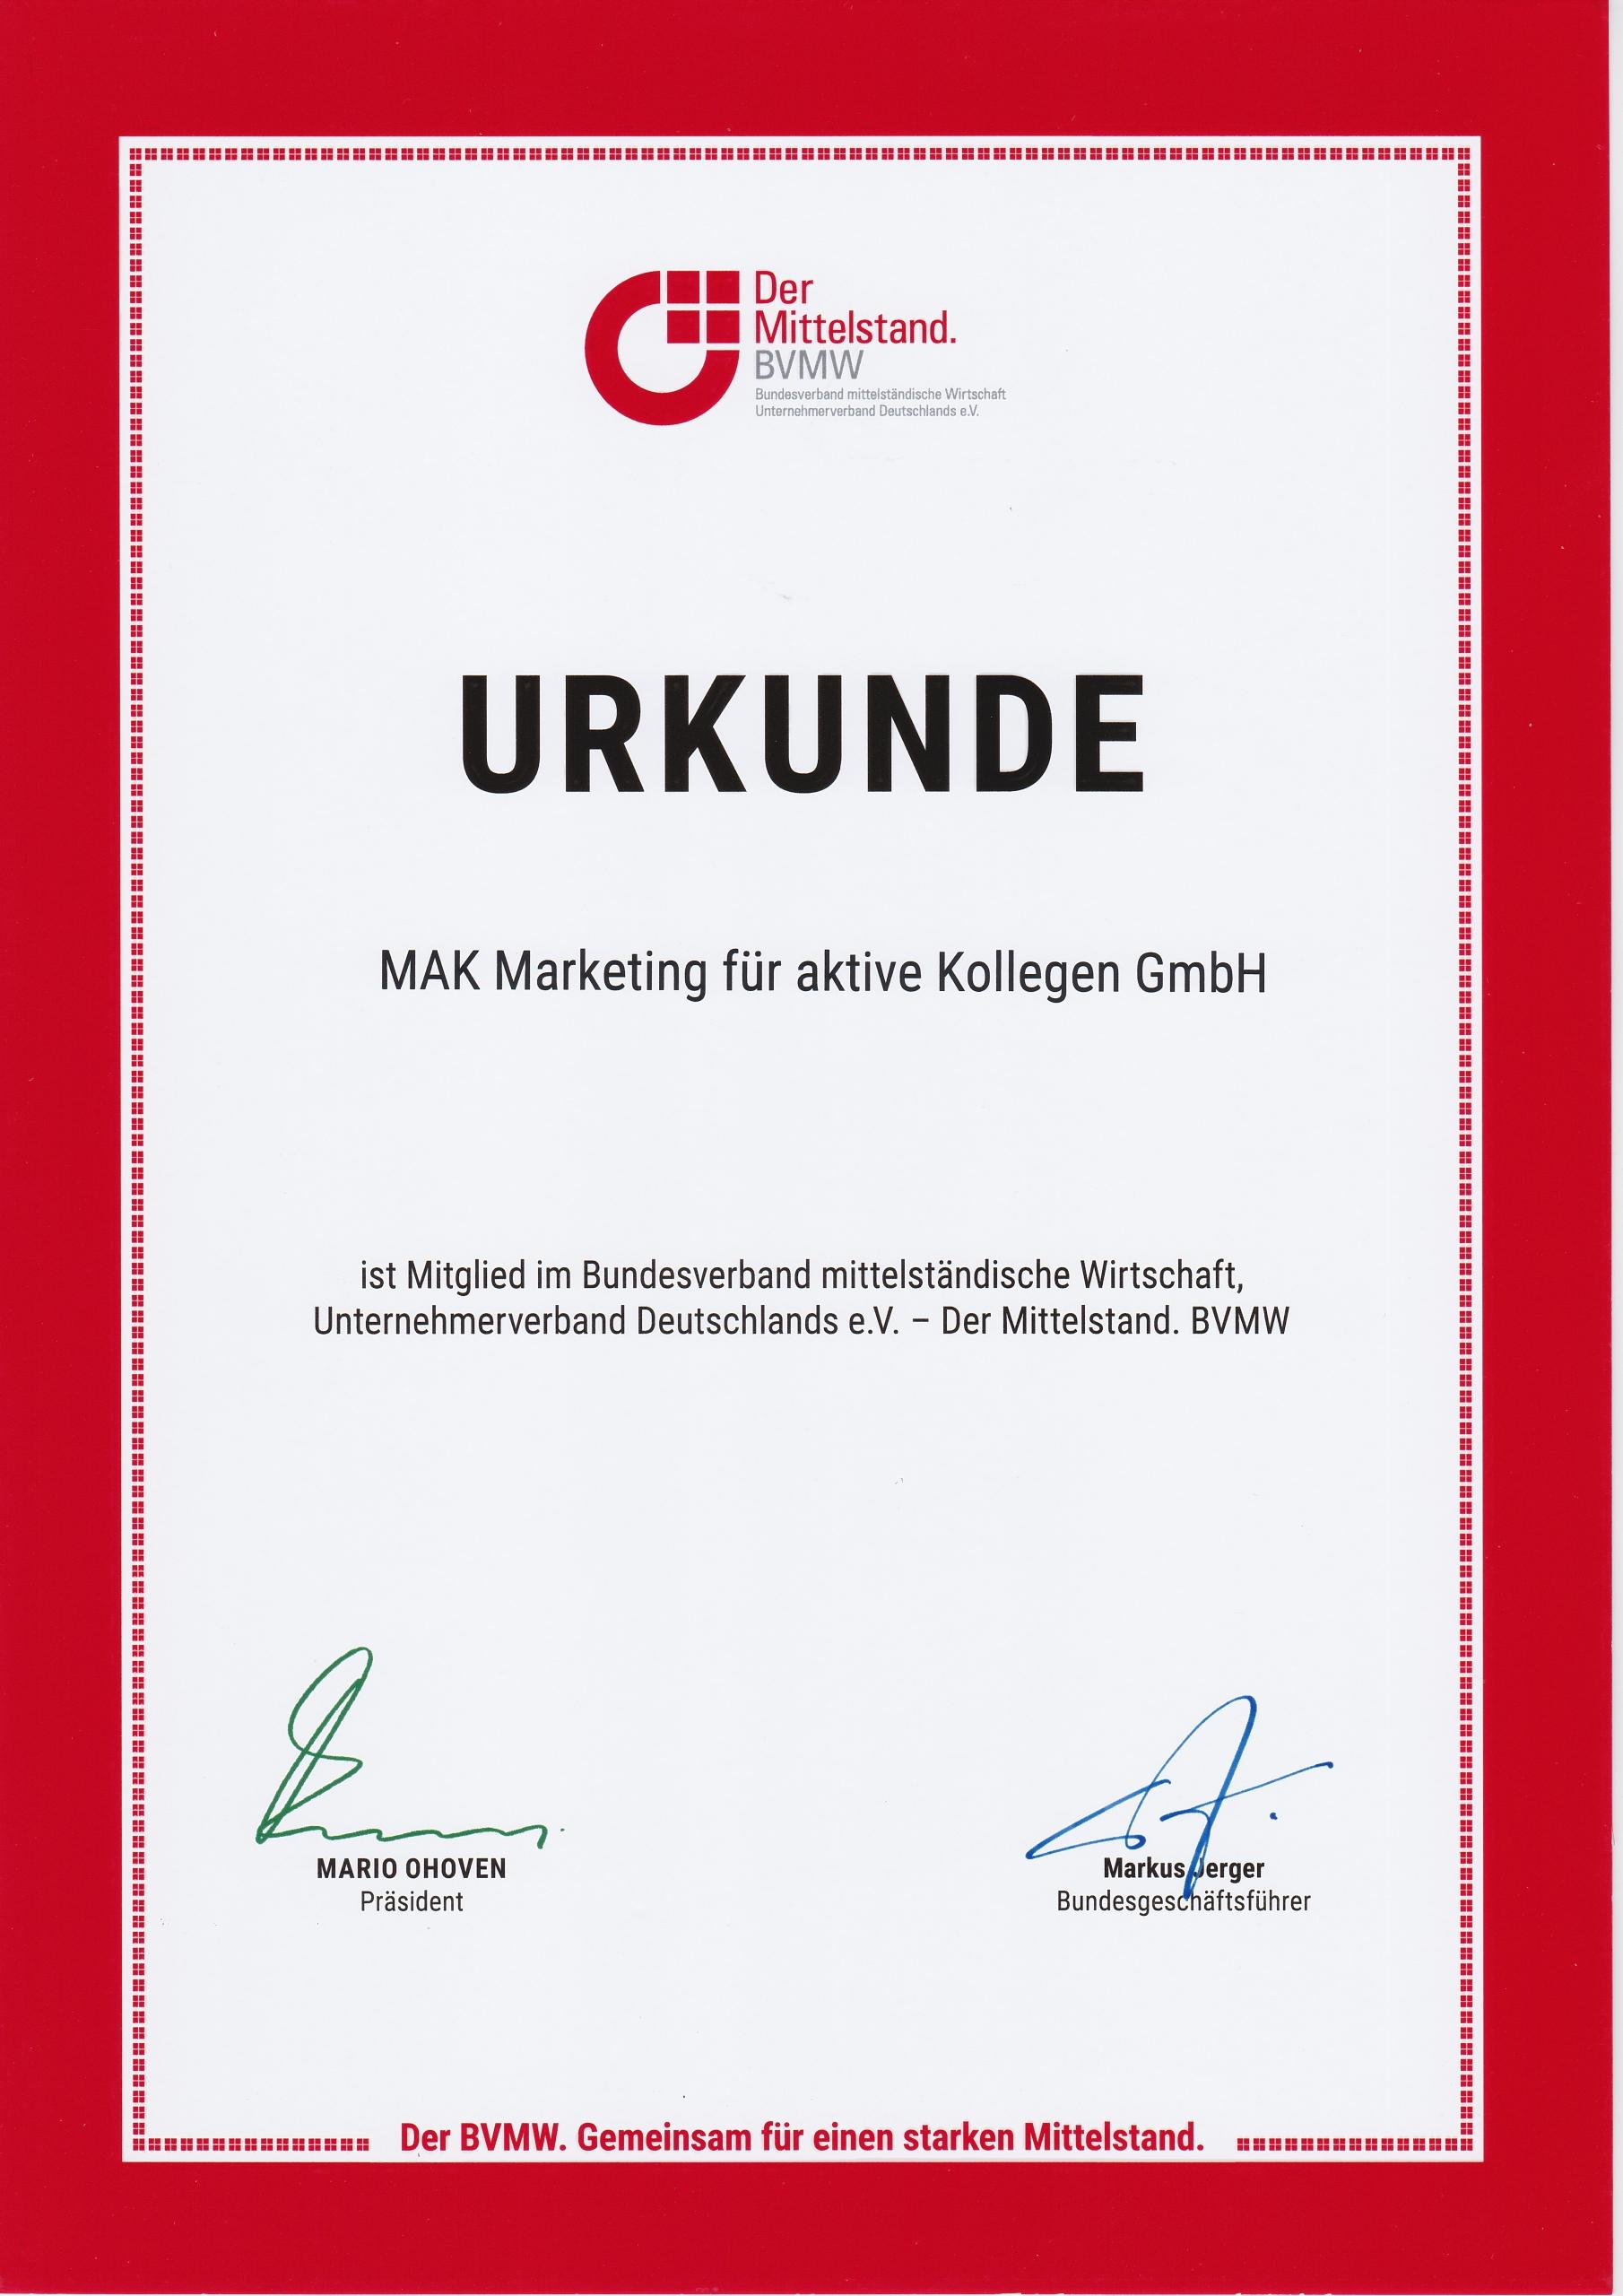 MAK Apothekenmarketing Urkunde